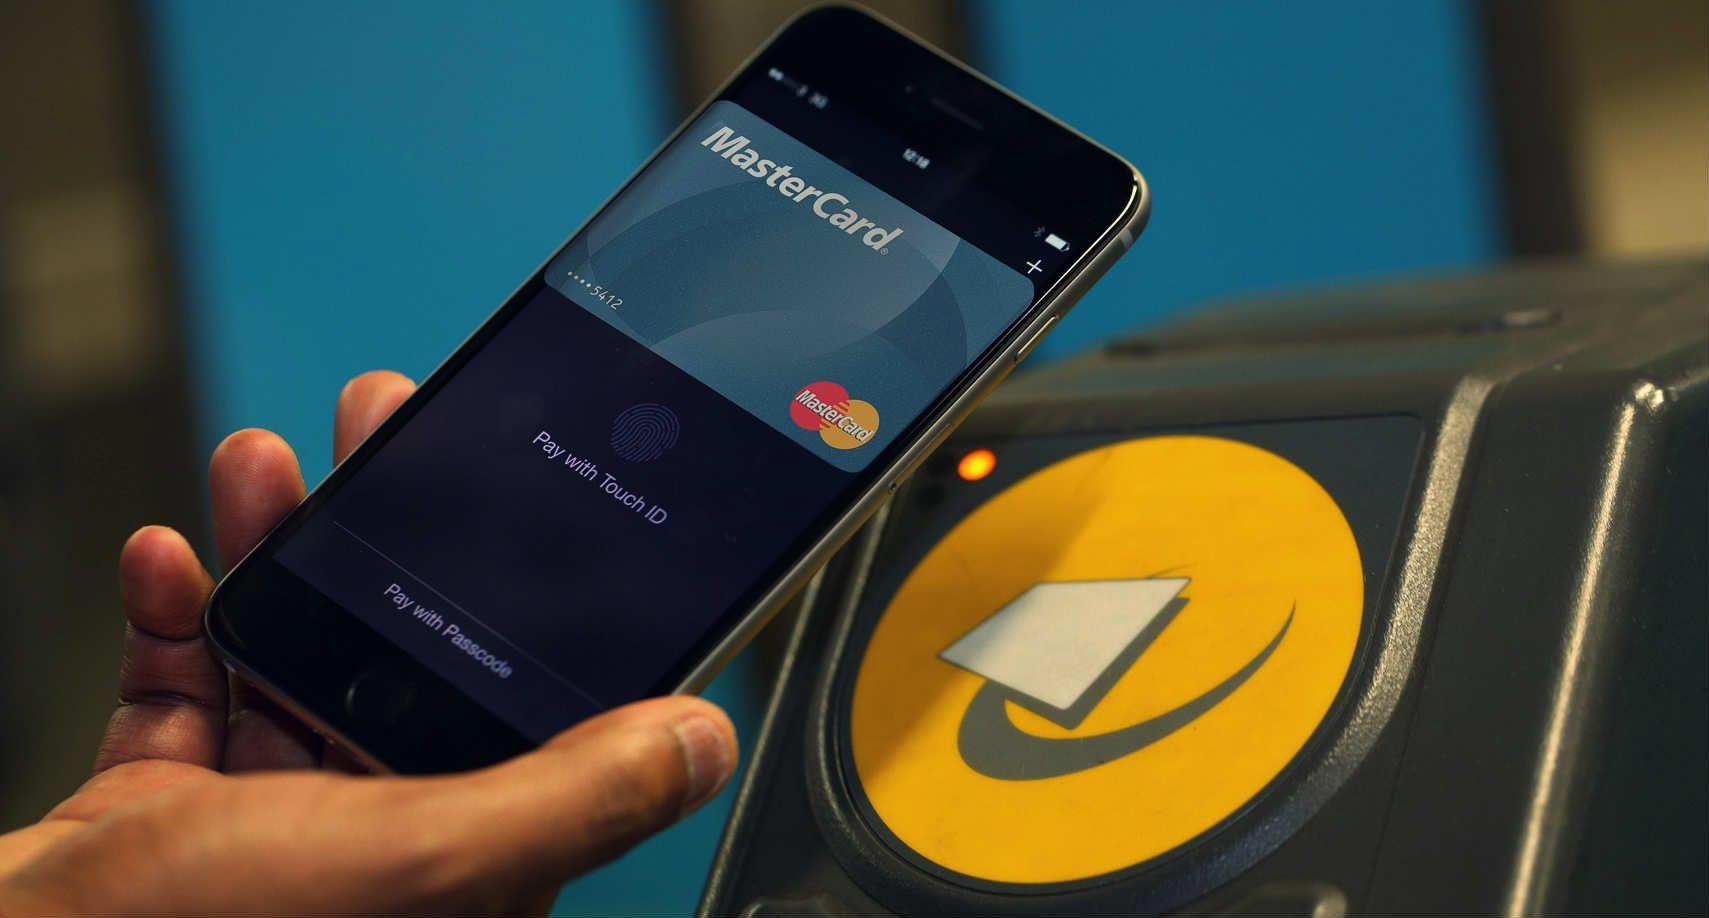 6ecde79e80735 Поднесите смартфон к турникету. Дождитесь звукового оповещения, которое  подскажет вам, что платеж прошел успешно.